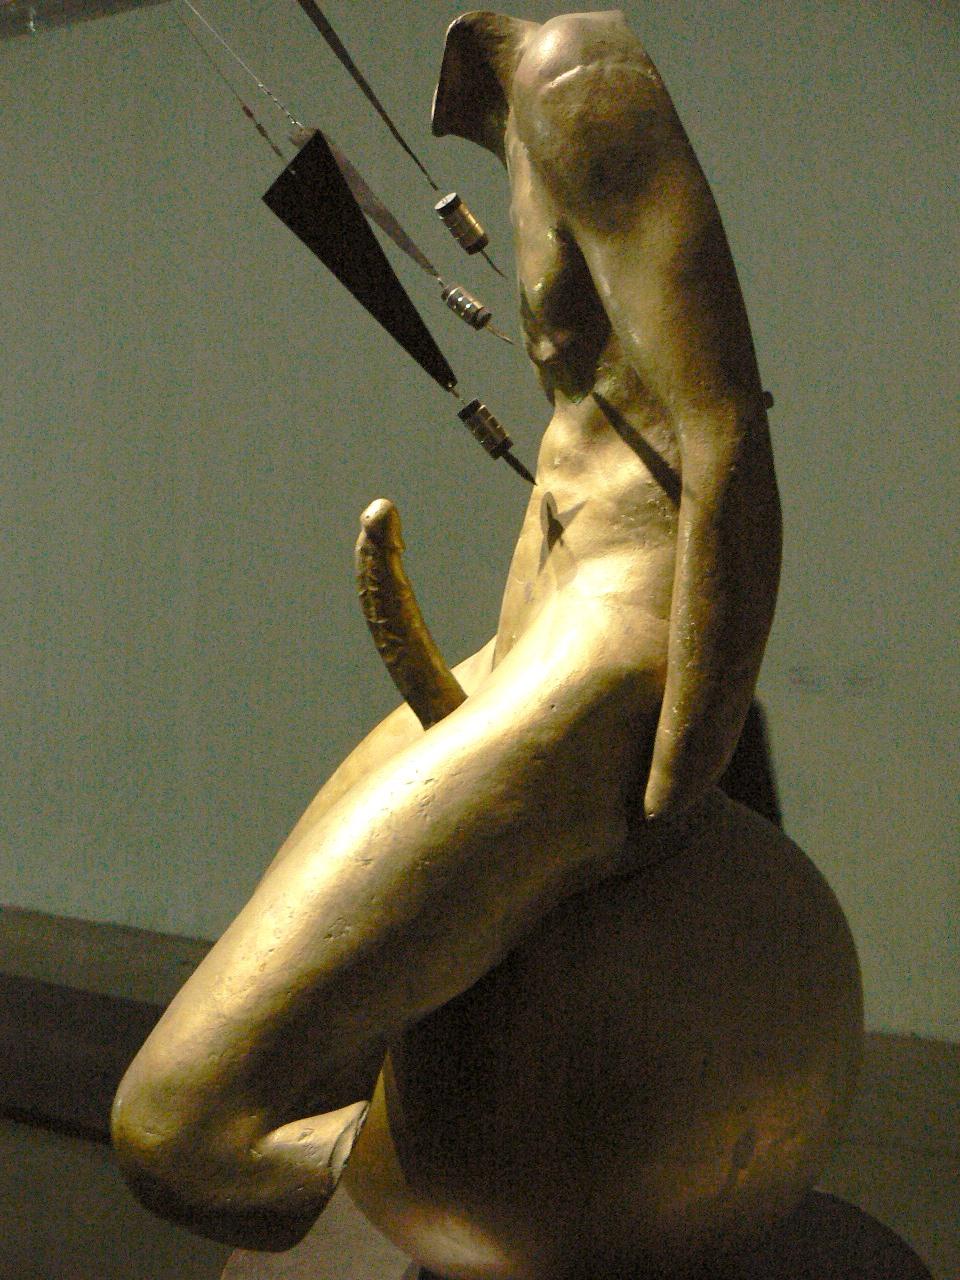 Sebastian, 1974, bronz, mágnes, vas, festett vas posztamens, 139 × 70 × 50 cm, Takis Foundation, Athén